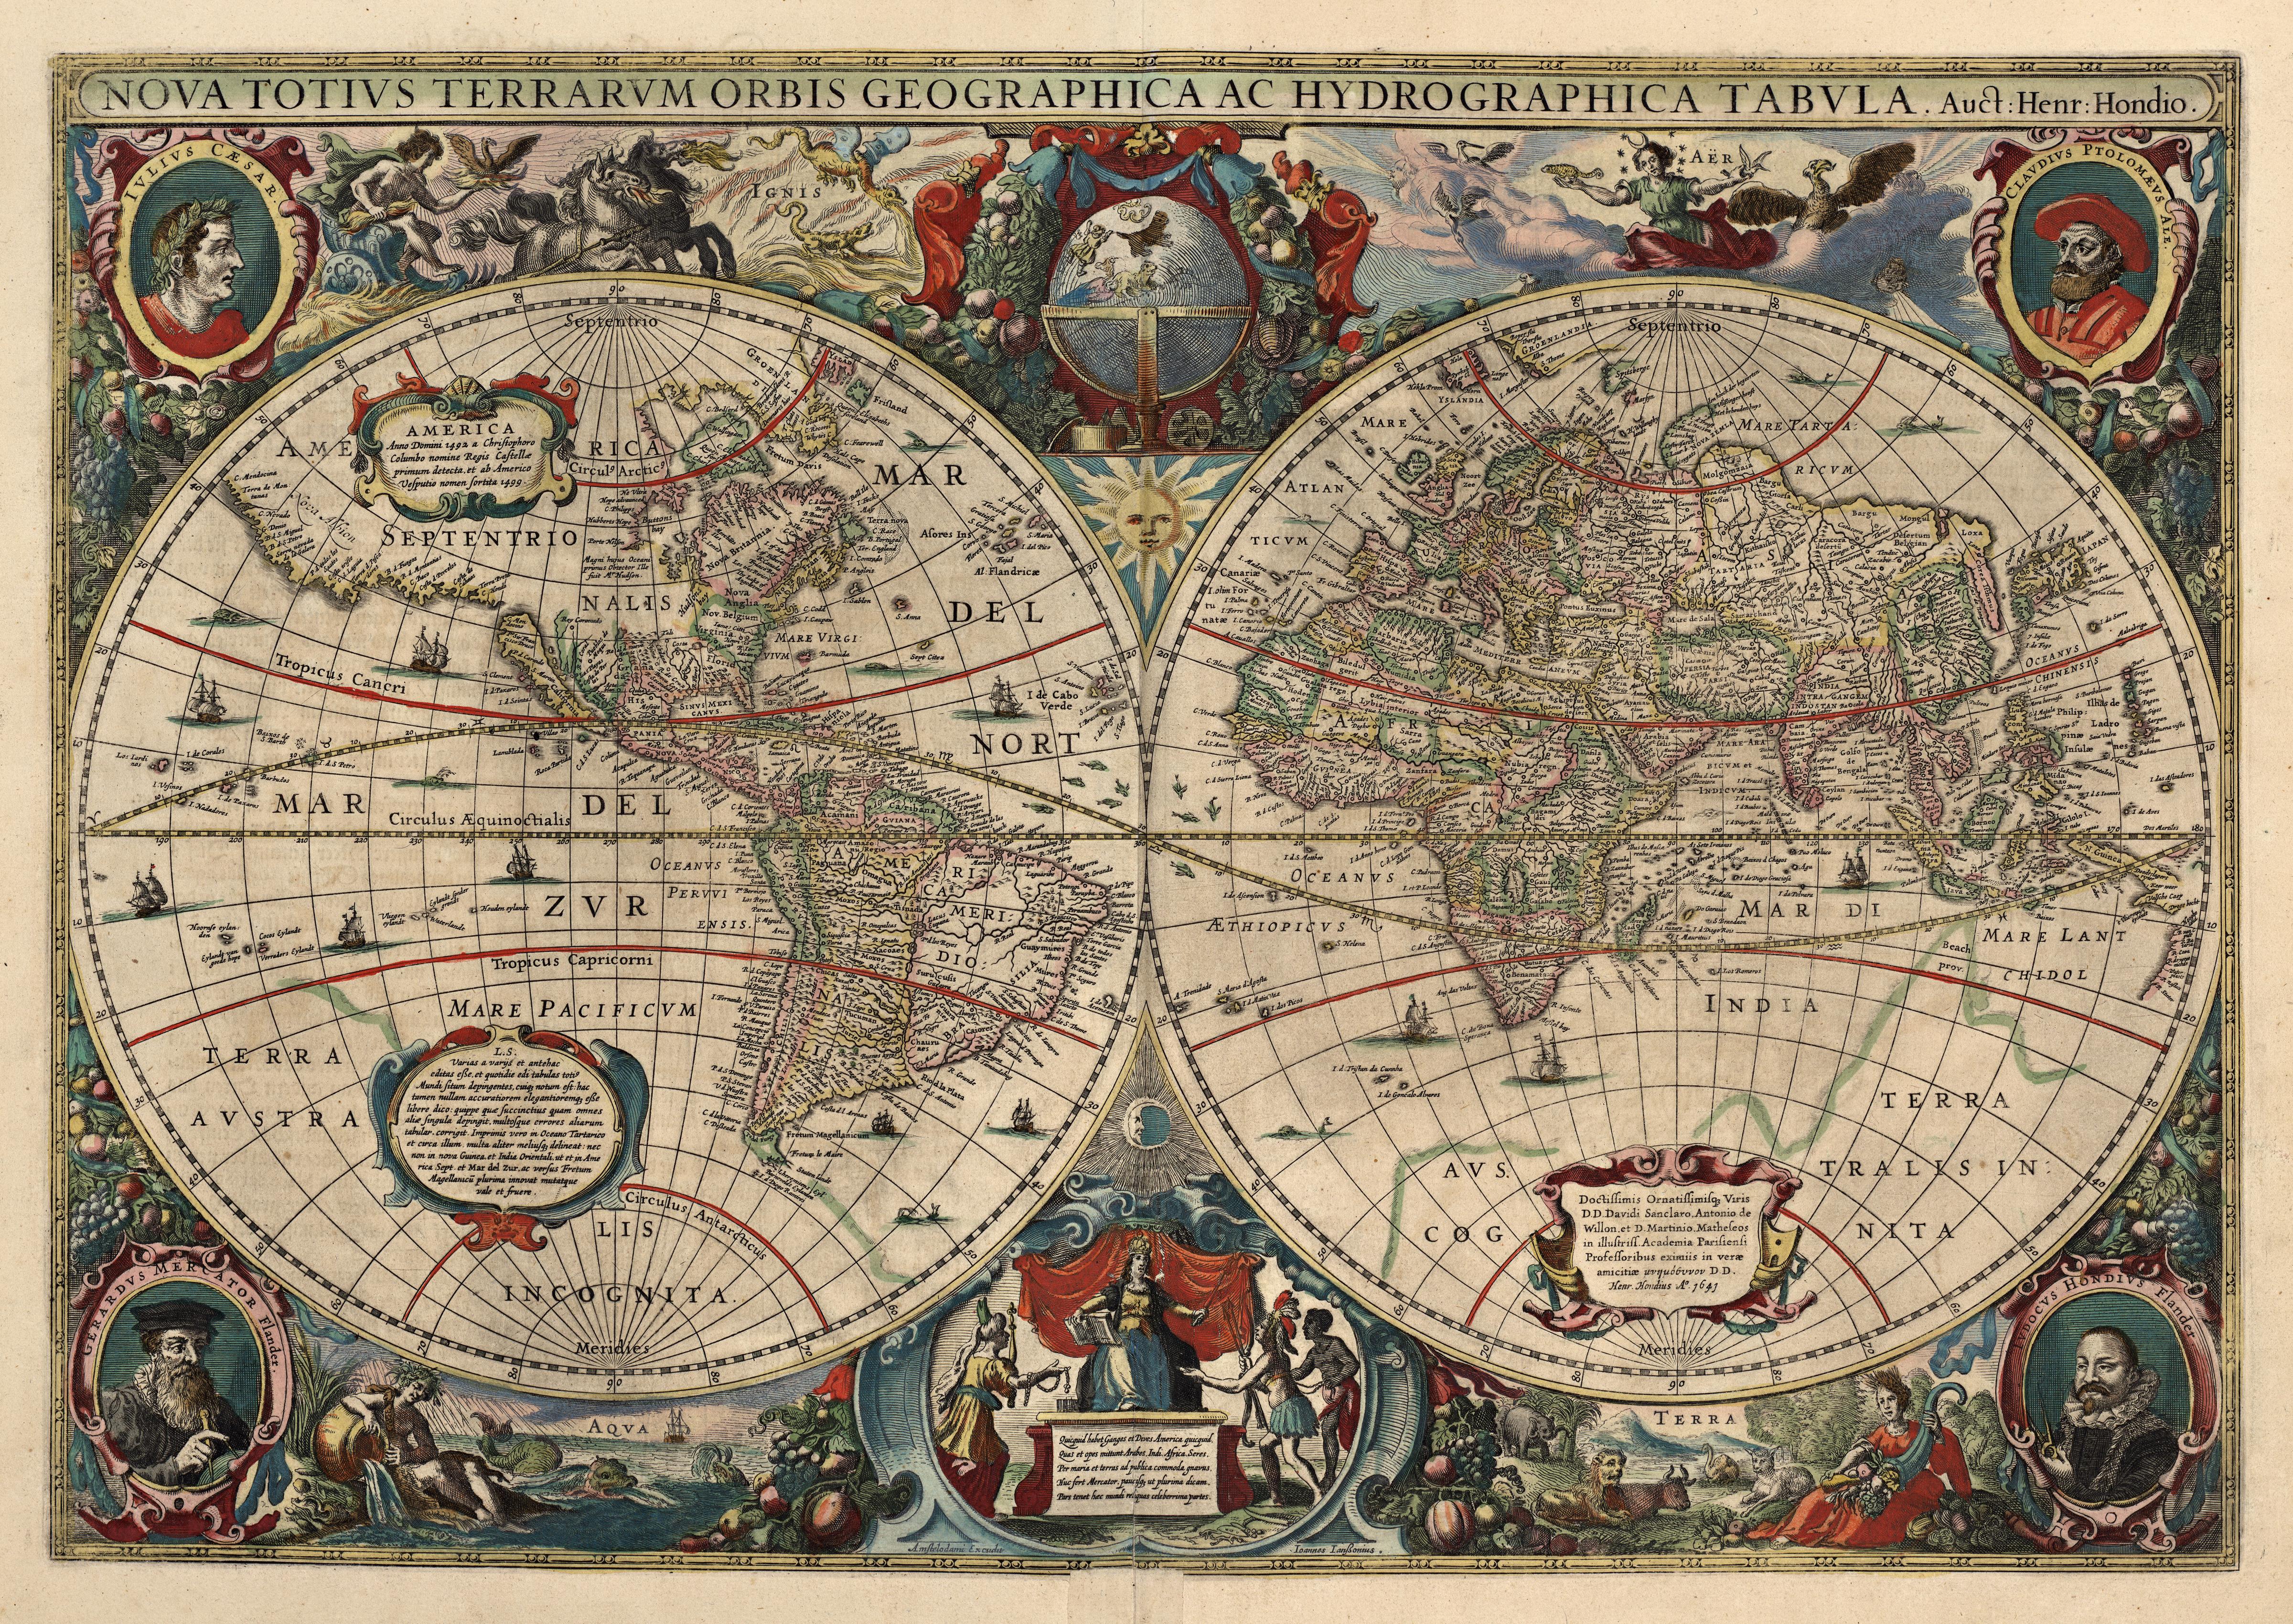 Jodocus Hondius: Nova Totius Terrarum orbis Geographica ac Hydrographica Tabula, 1641, i Jan Janssonius Novus atlas, Amsterdam, 1647-50. Den buede linjen er ekliptikken, og langs den er symbolene for stjernetegnene i zodiaken tegnet inn: Der ekliptikken krysser ekvator helt til venstre på den vestlige halvkule er vårjevndøgn markert med symbolet for værens tegn, og der ekliptikken krysser ekvator ved overgangen mellom vestlig og østlig halvkule er høstjevndøgn markert med symbolet for vektens tegn. Vendekretsene er de røde linjene nord og sør for ekvator. Disse tar utgangspunkt i sommersolverv markert med symbolet for krepsens tegn og i vintersolverv markert med symbolet for steinbukkens tegn. Bilde: Nasjonalbiblioteket